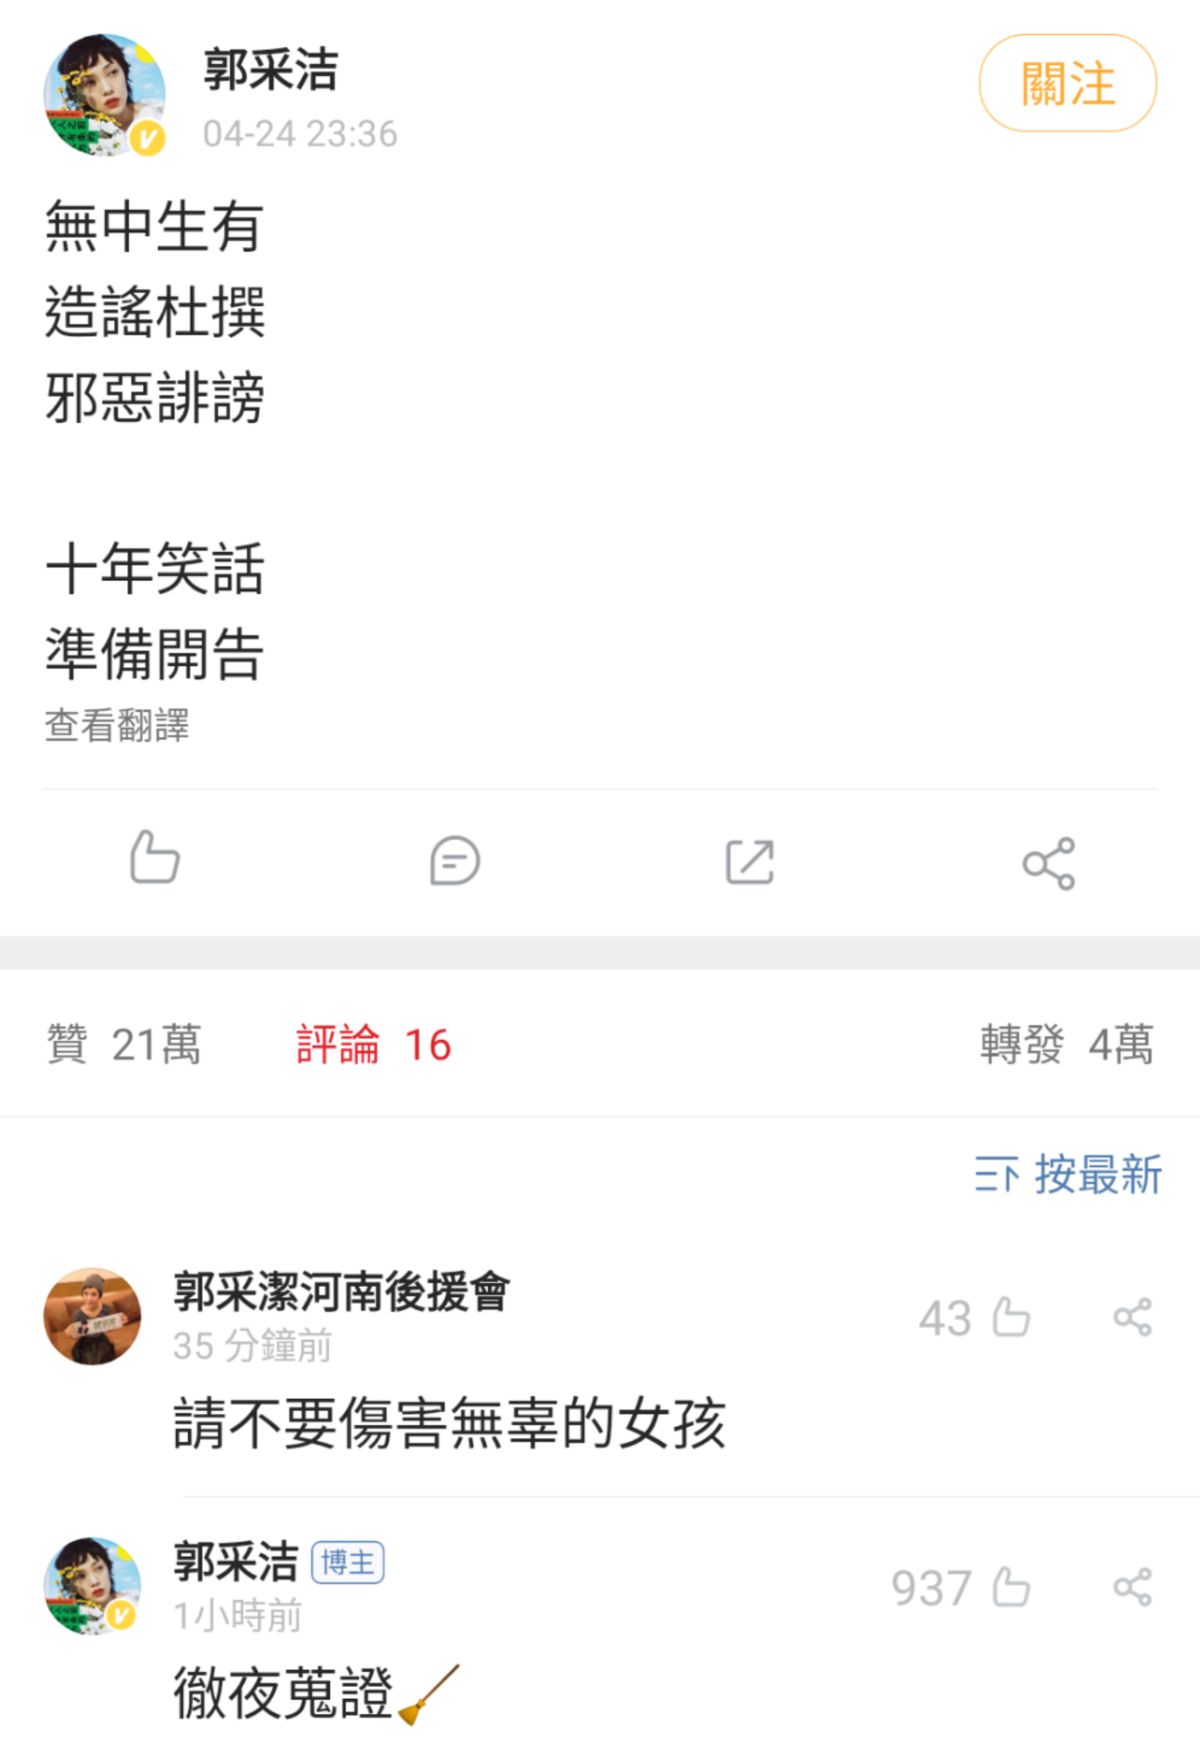 郭采潔24日深夜在微博發文,聲明對造她謠的網友不寬貸,抓到就提告。(翻攝自郭采潔微博)